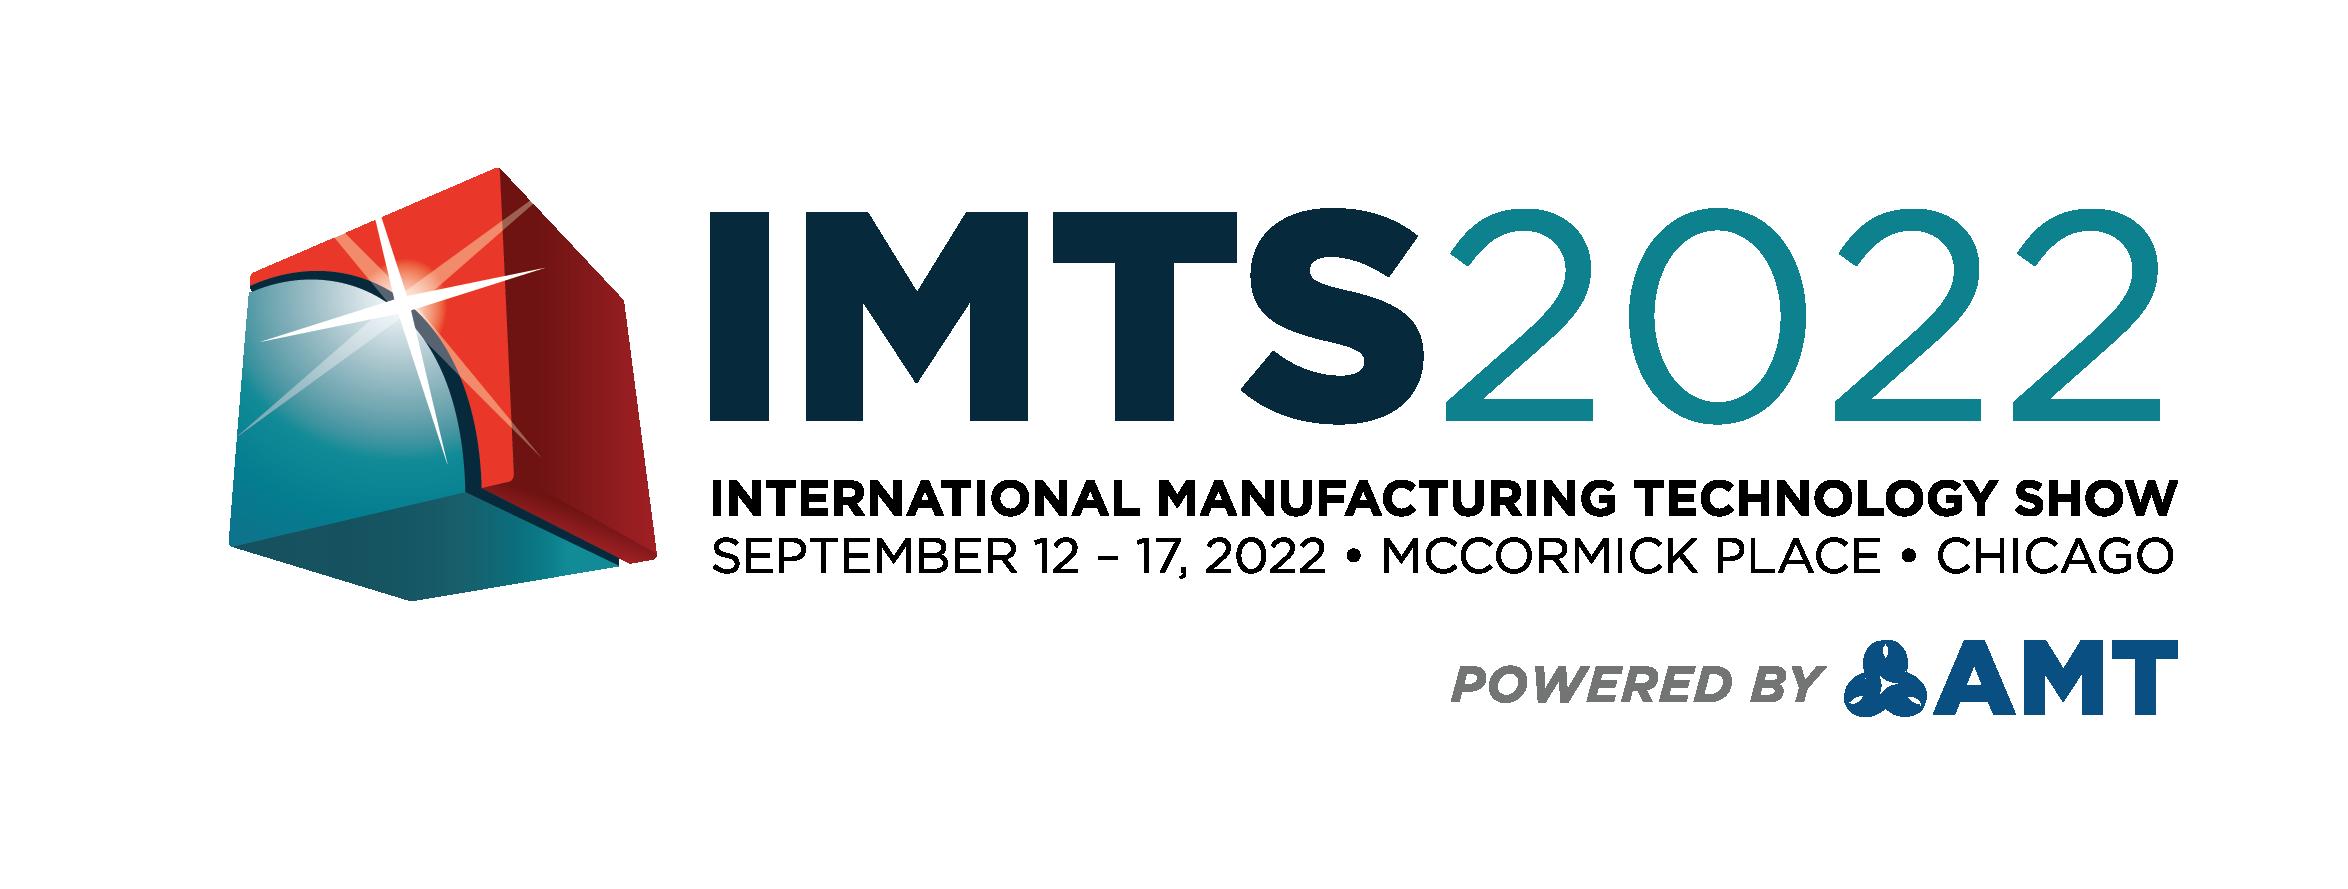 IMTS 2022国际制造技术展览会